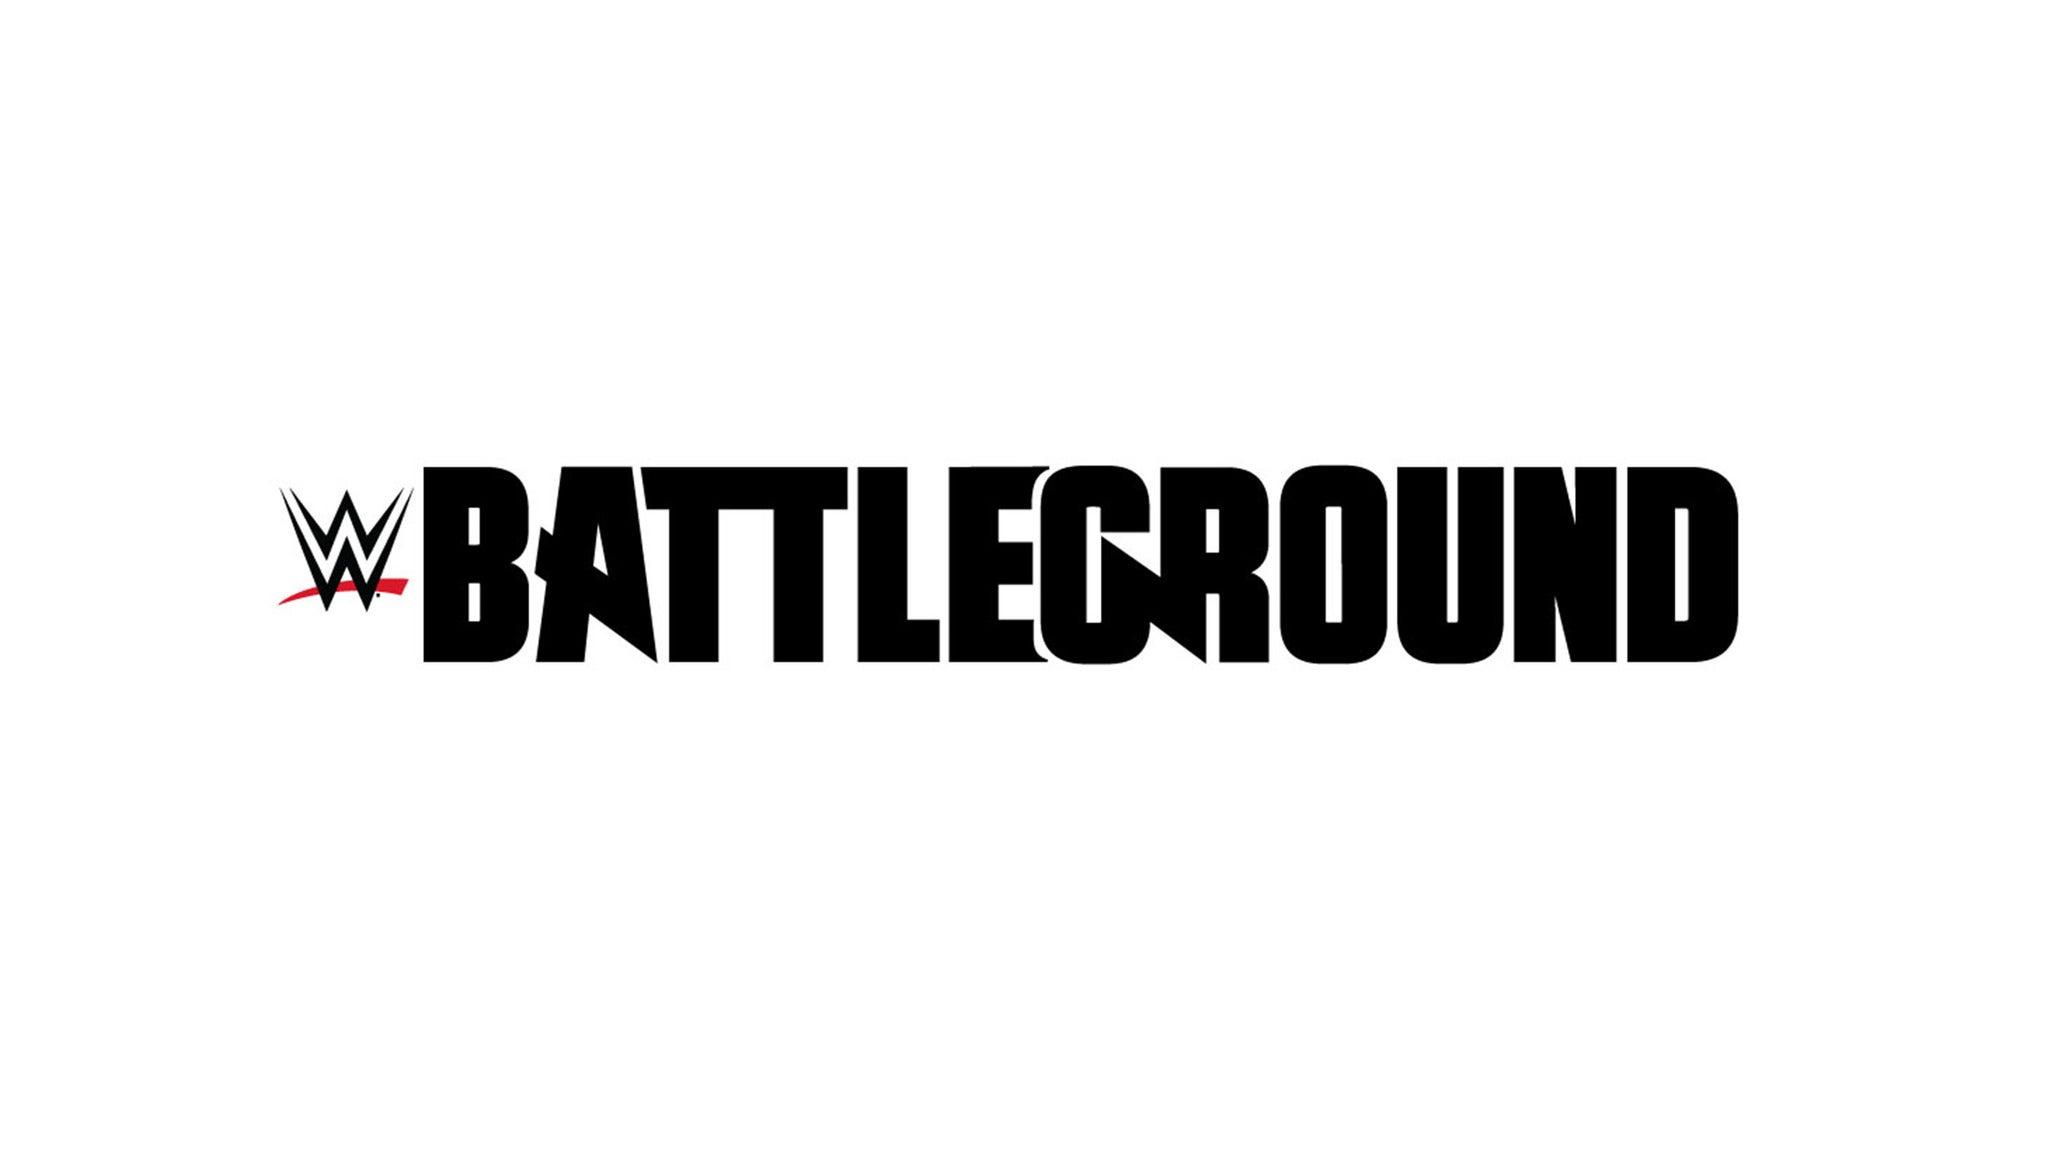 WWE Battleground at Verizon Center